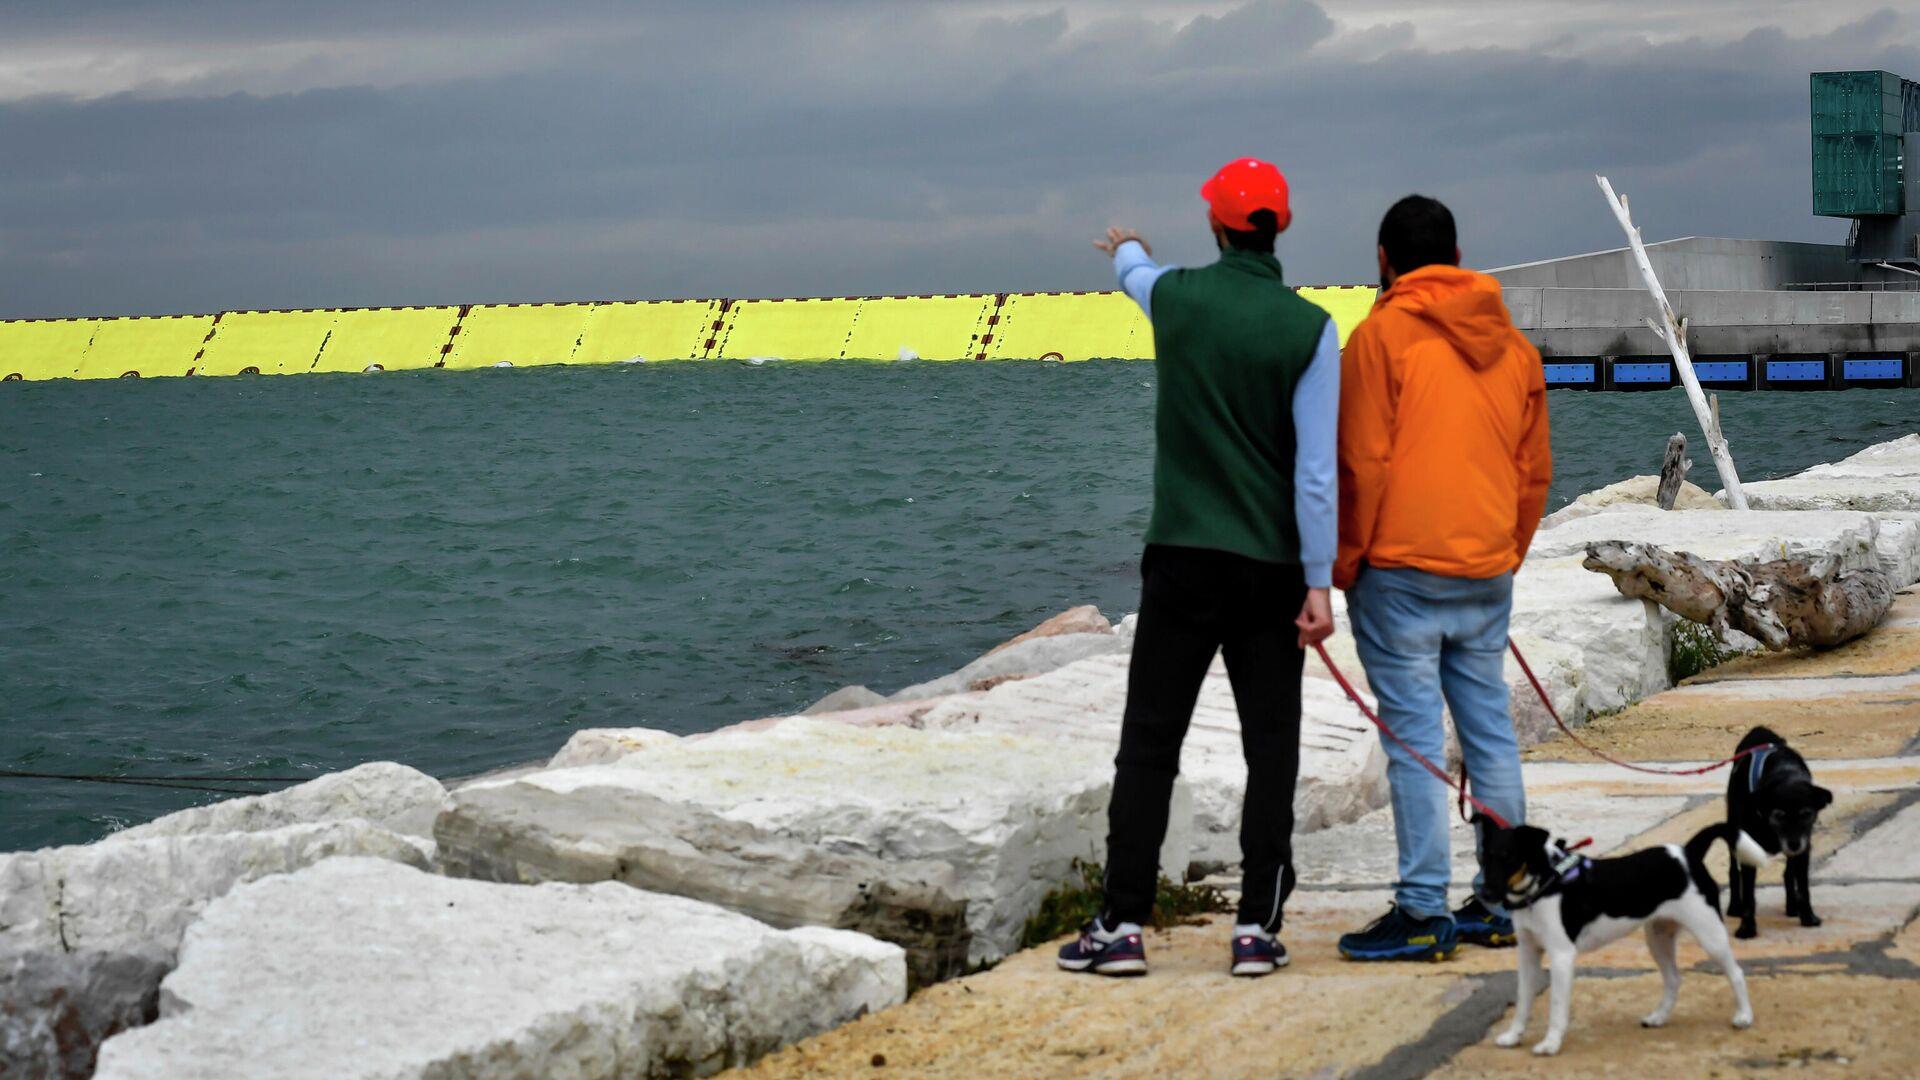 Желтые барьеры, возведенные для защиты от паводка в Венеции, северная Италия - РИА Новости, 1920, 07.10.2020